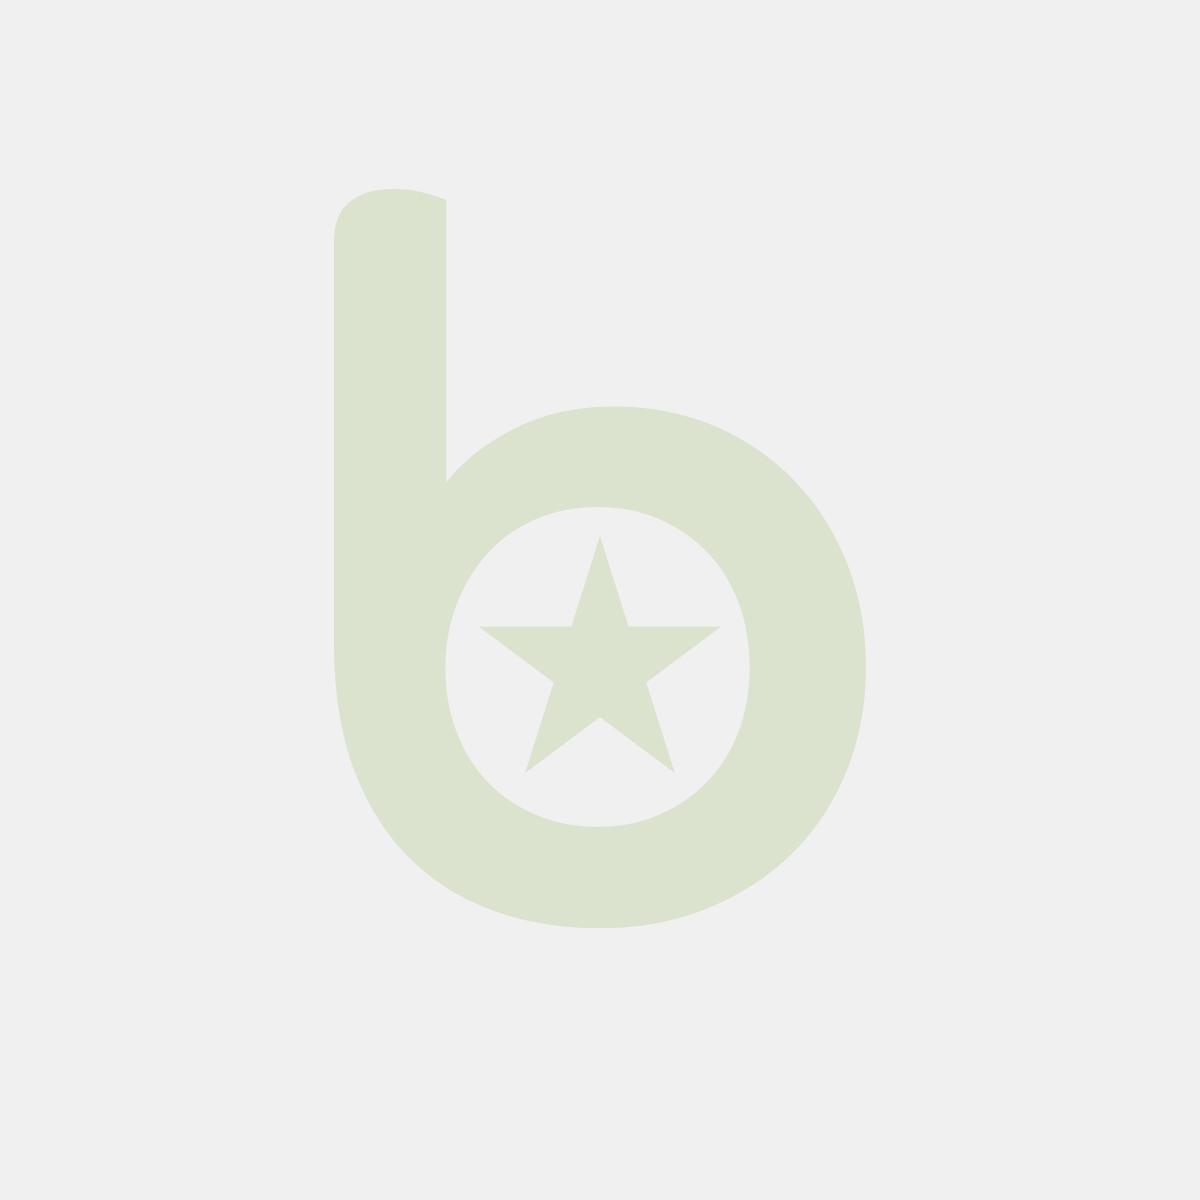 Kuchnia Elektryczna Na Podstawie Z Trzech Stron Zamkniętej 2-Płytowa, Z Wpuszczanymi Płytami Grzejnymi, Linia 900